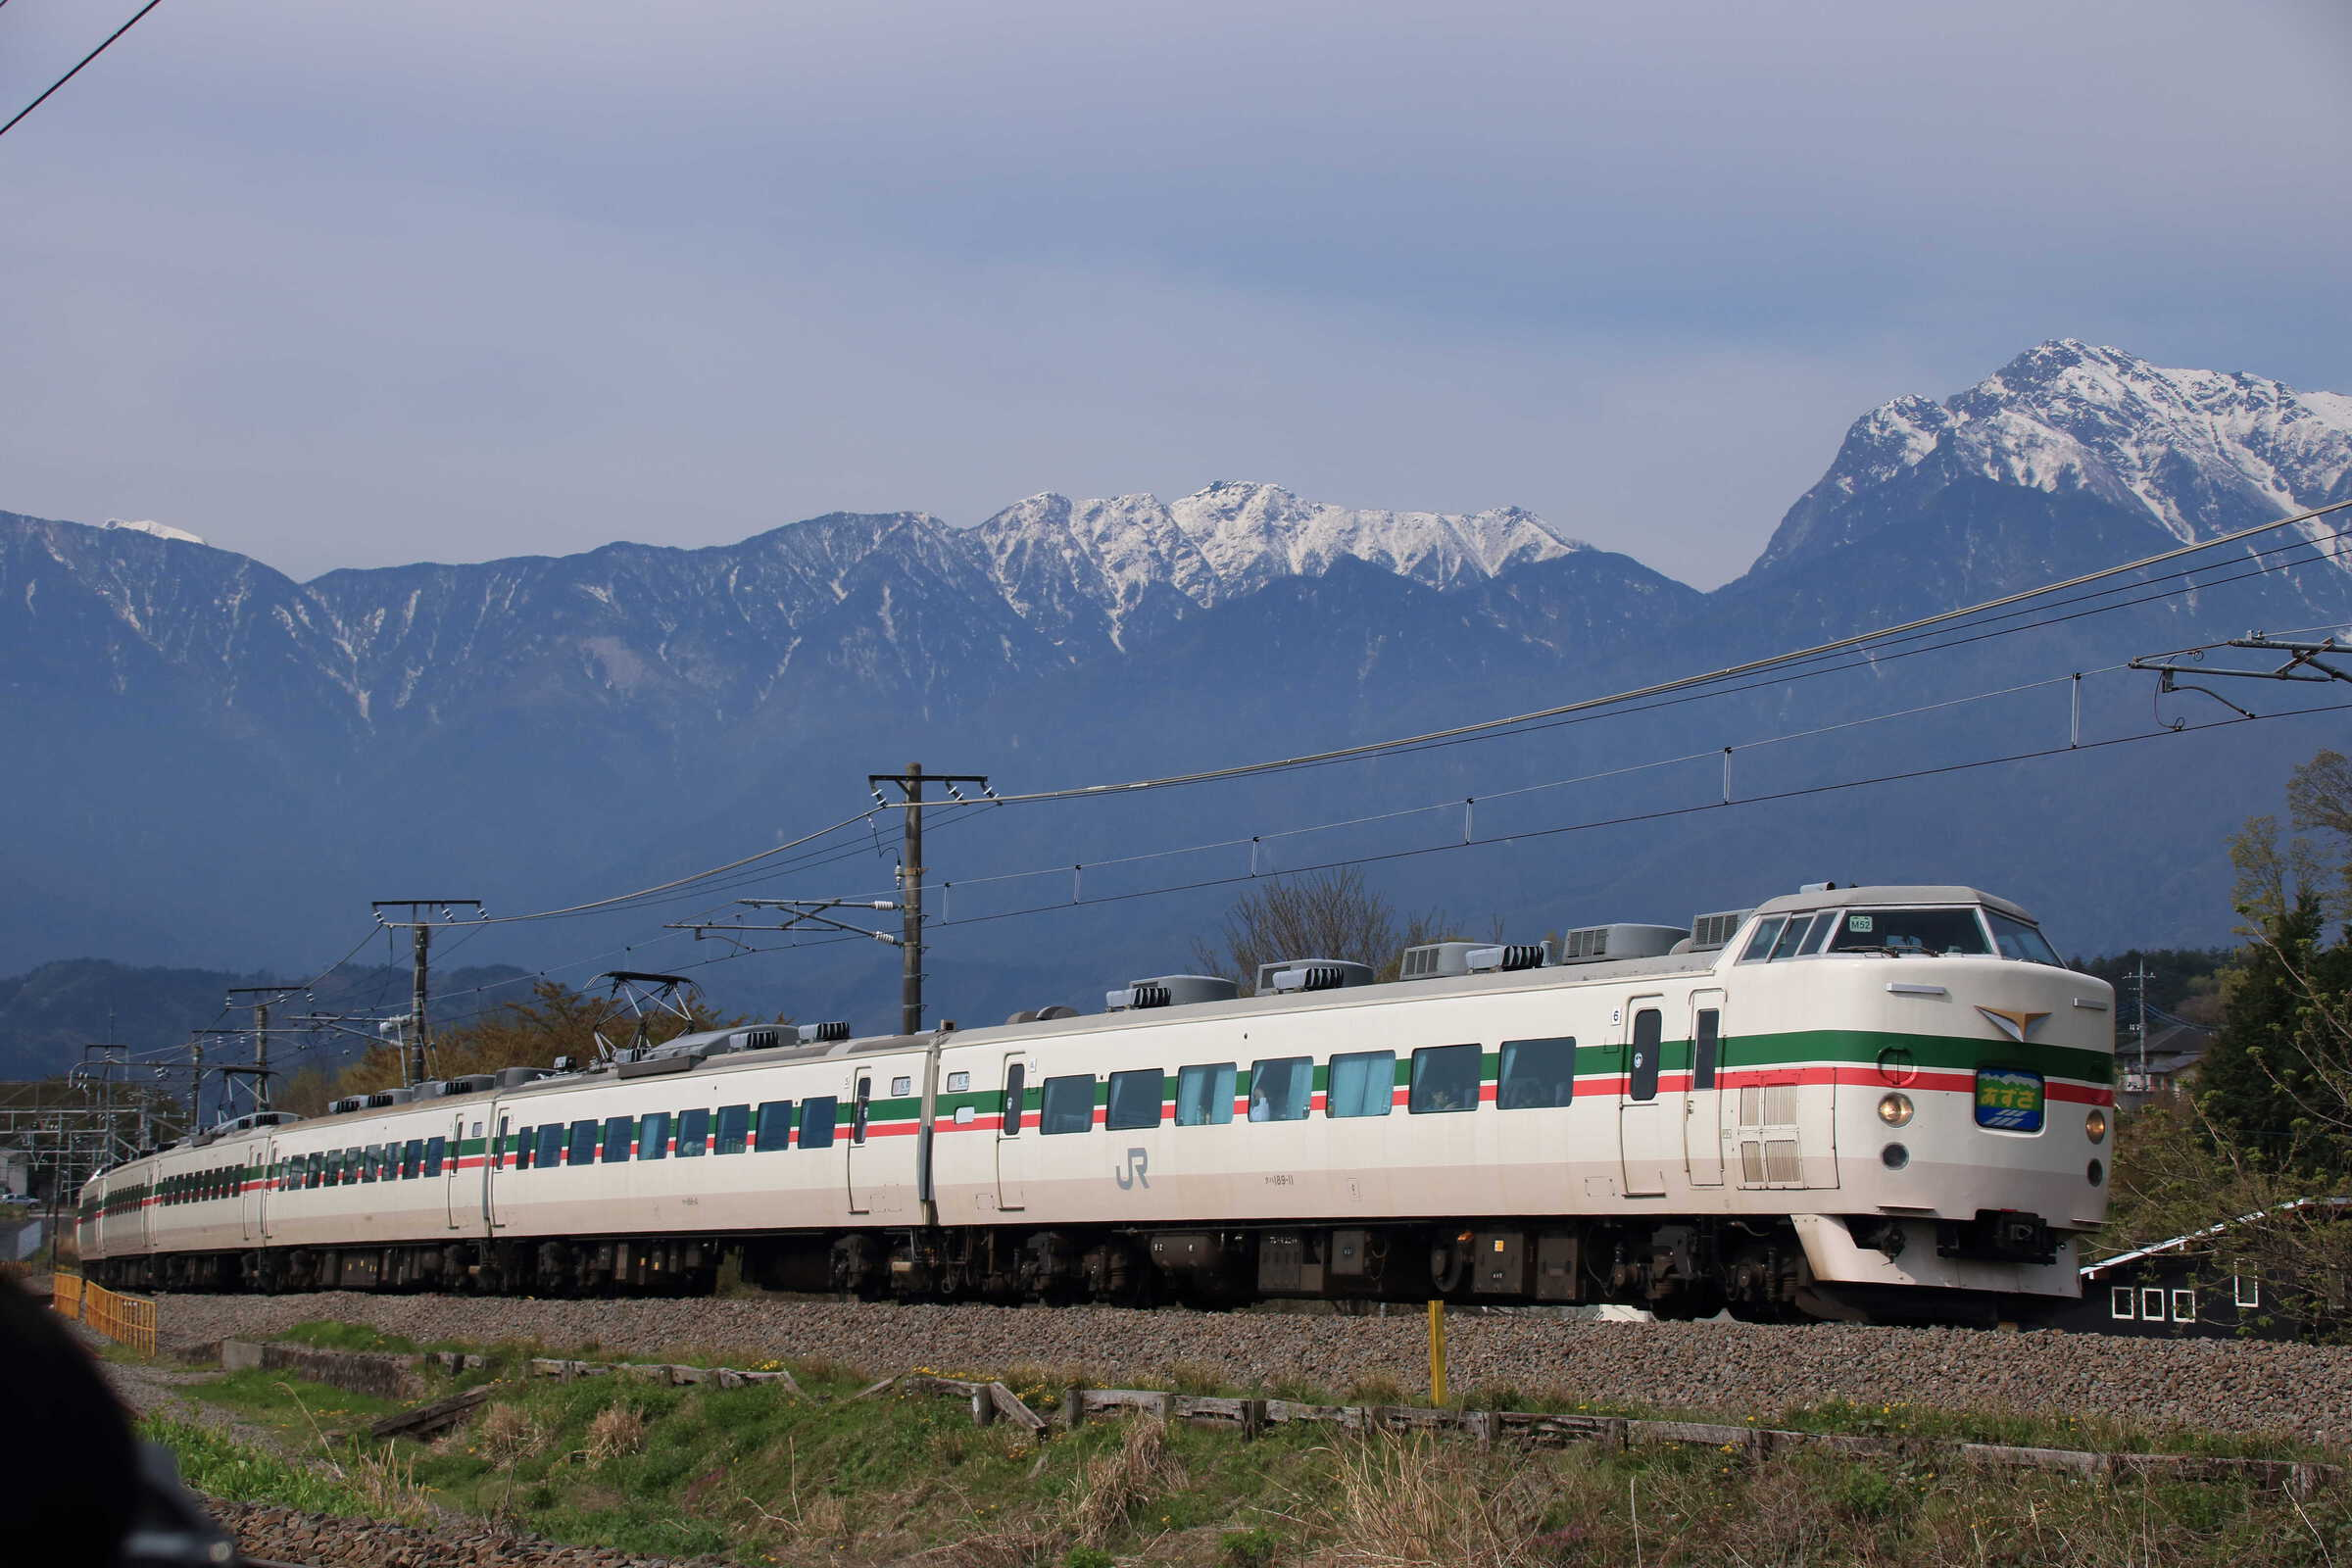 9071M 特急 あずさ71号 189系 八トタM52編成